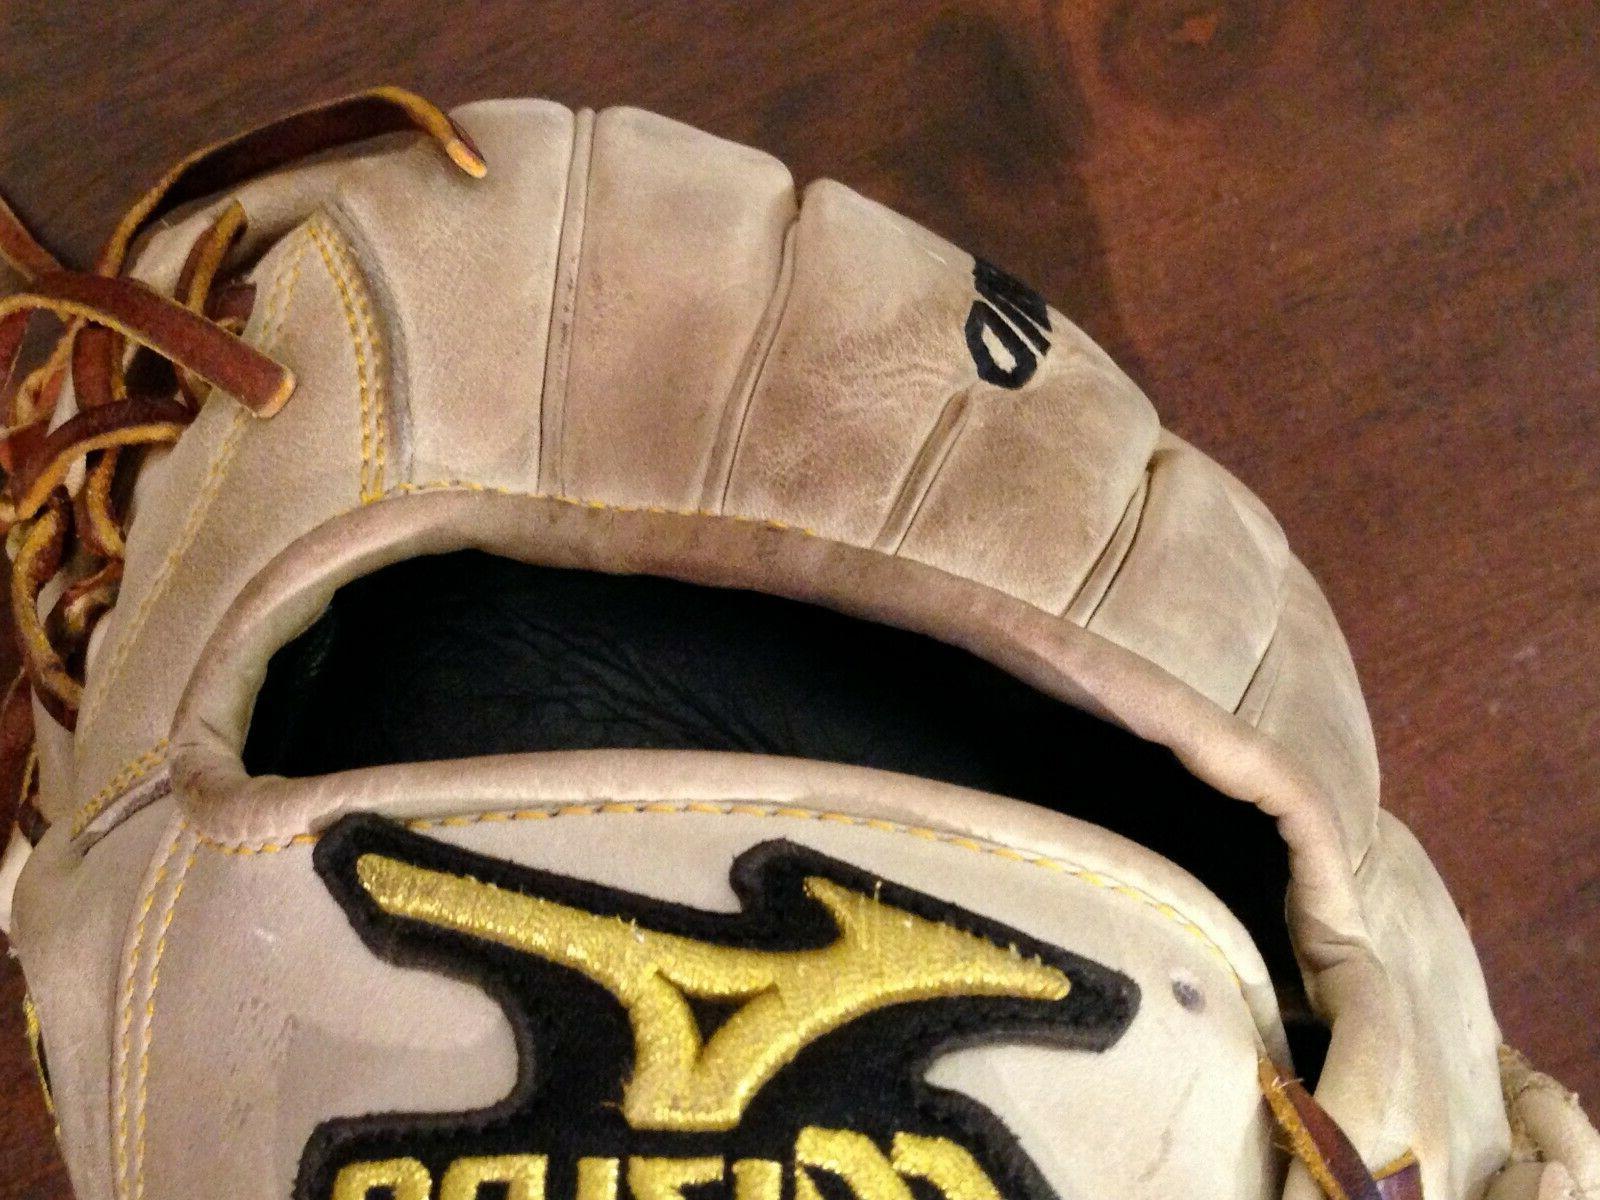 Glove 11.5 RHT 61